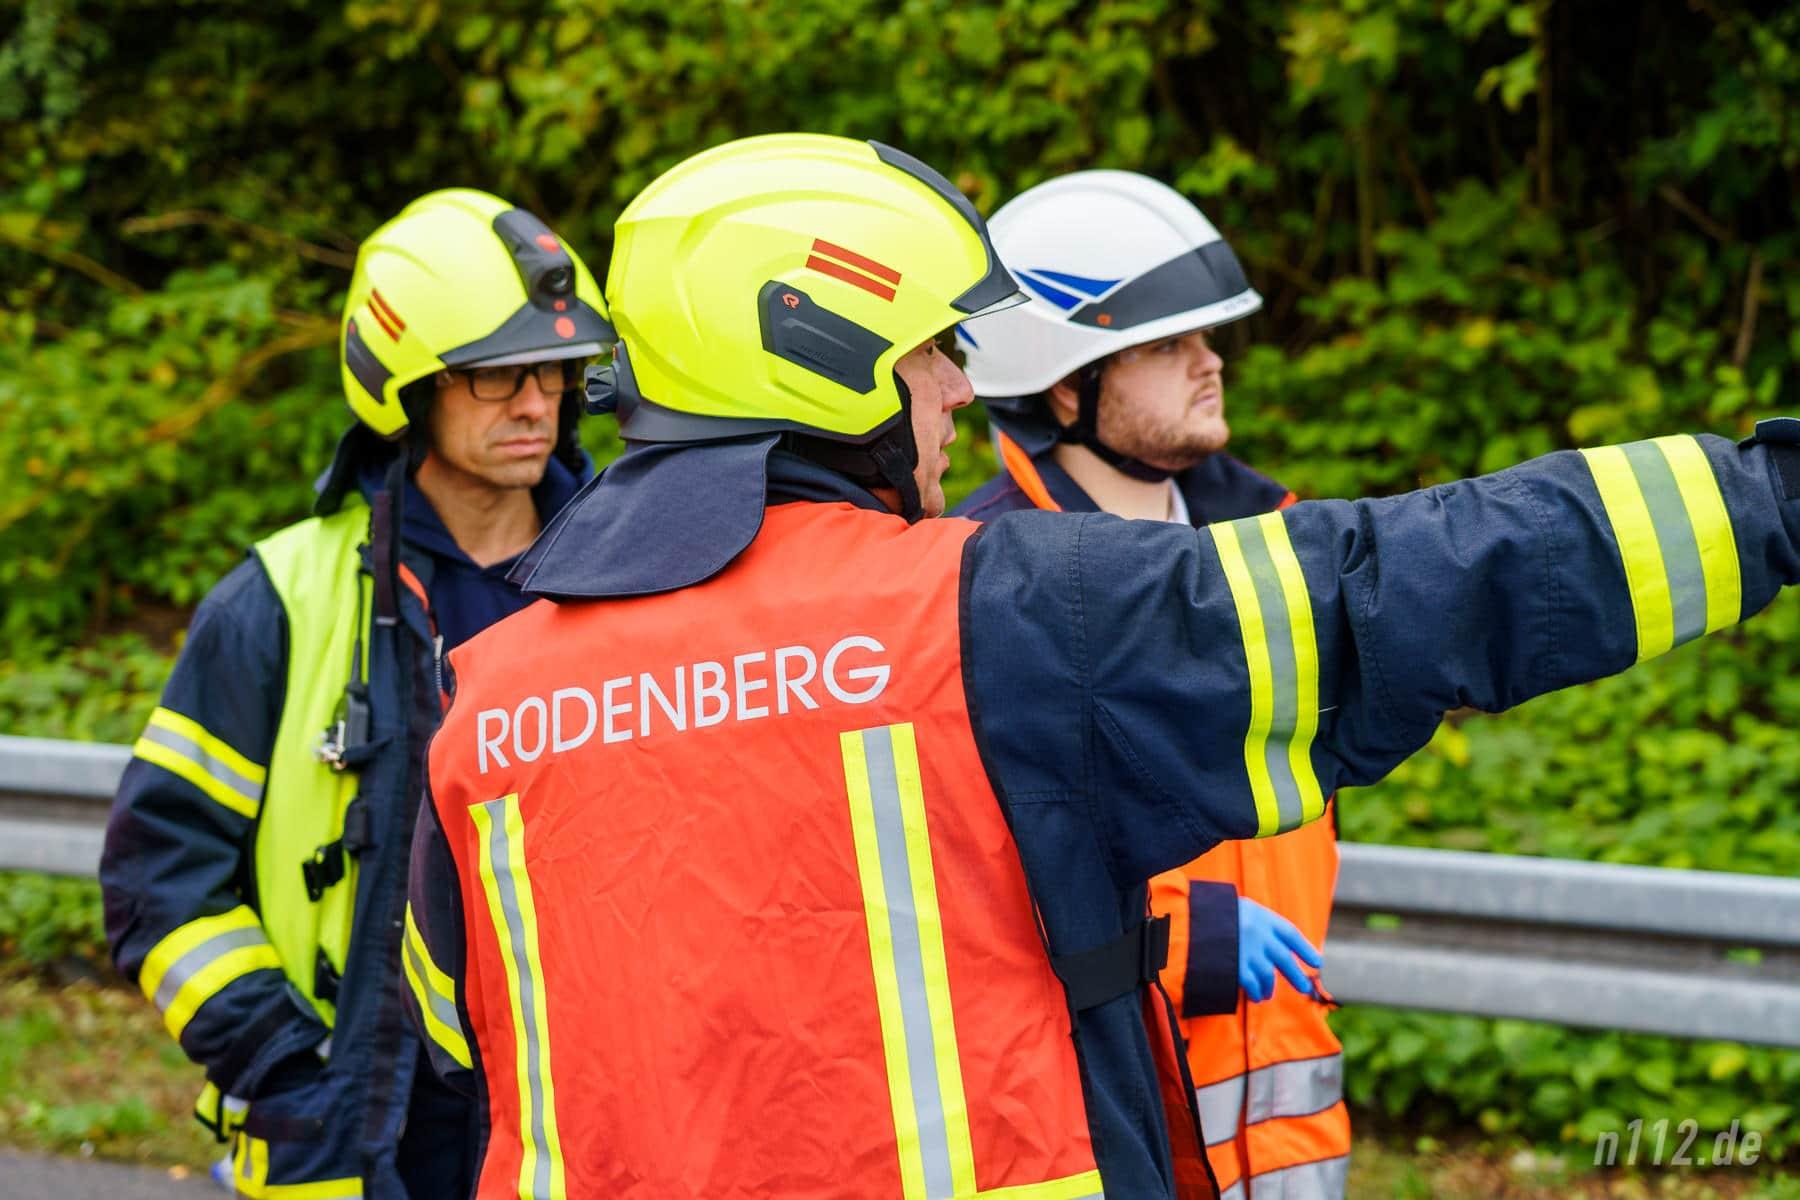 Lagebesprechung: Farbige Westen kennzeichnen Leitungsfunktionen (Foto: n112.de/Stefan Simonsen)